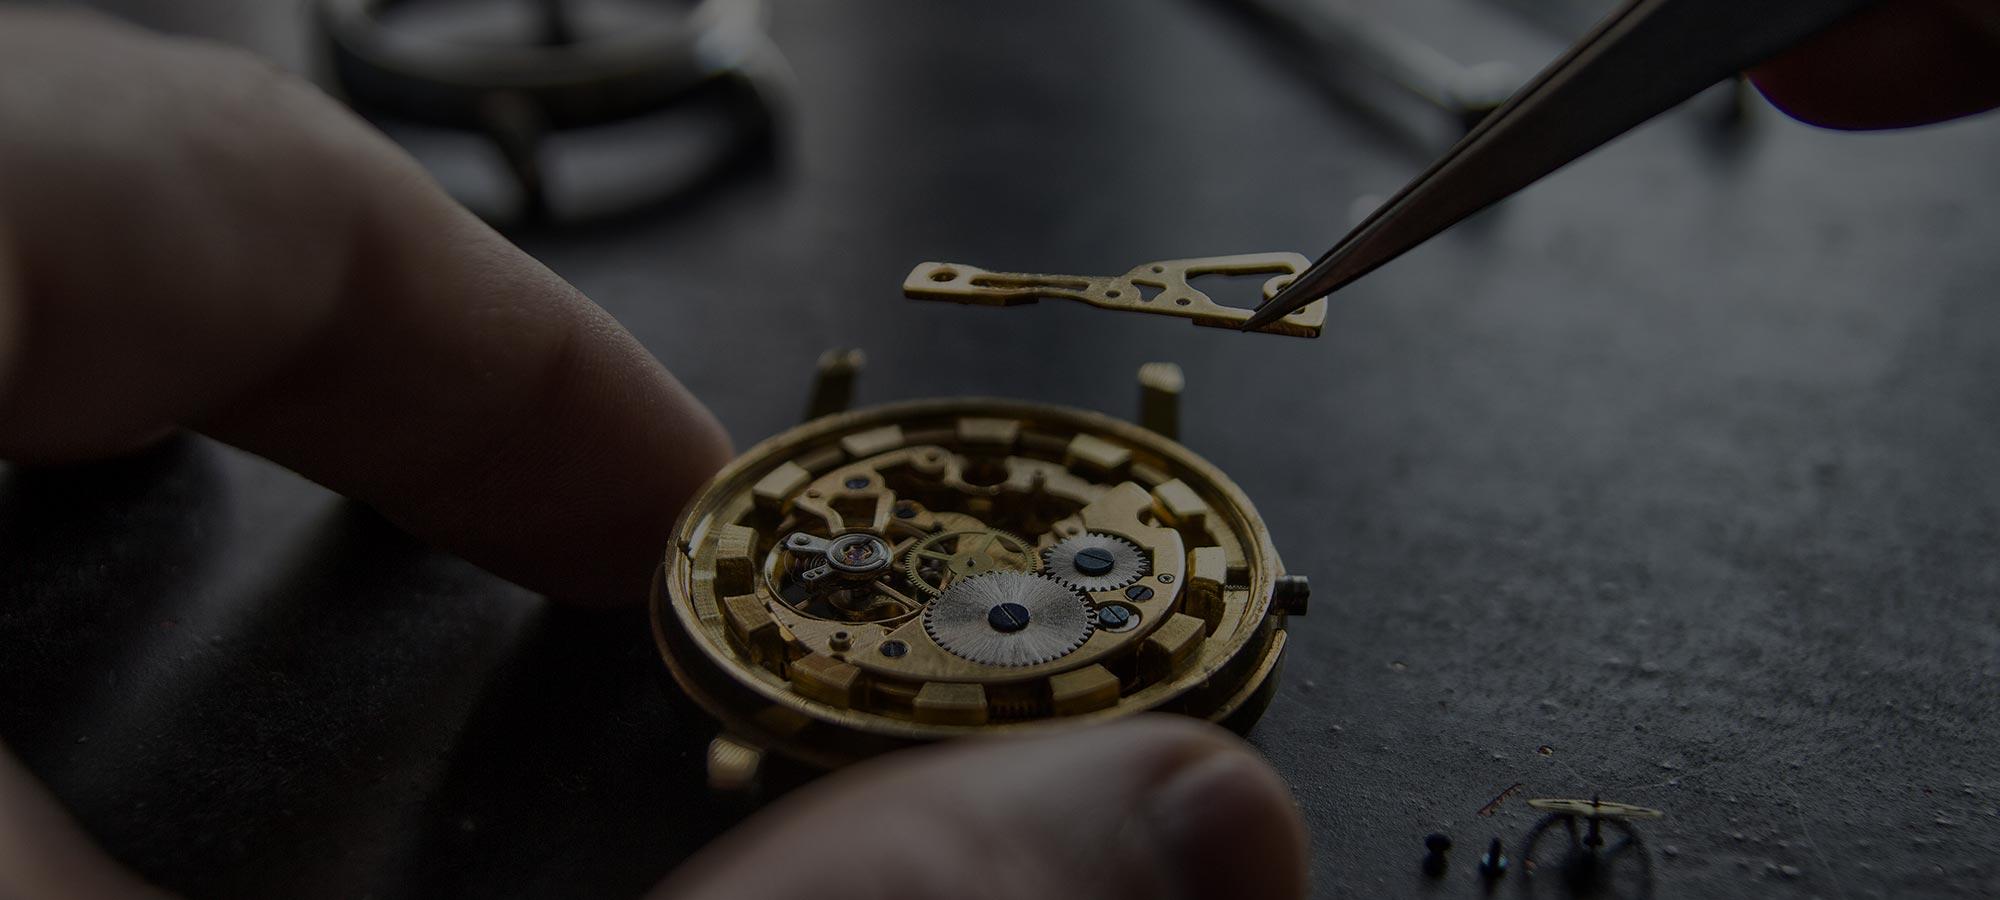 L'atelier horloger Montre Mania